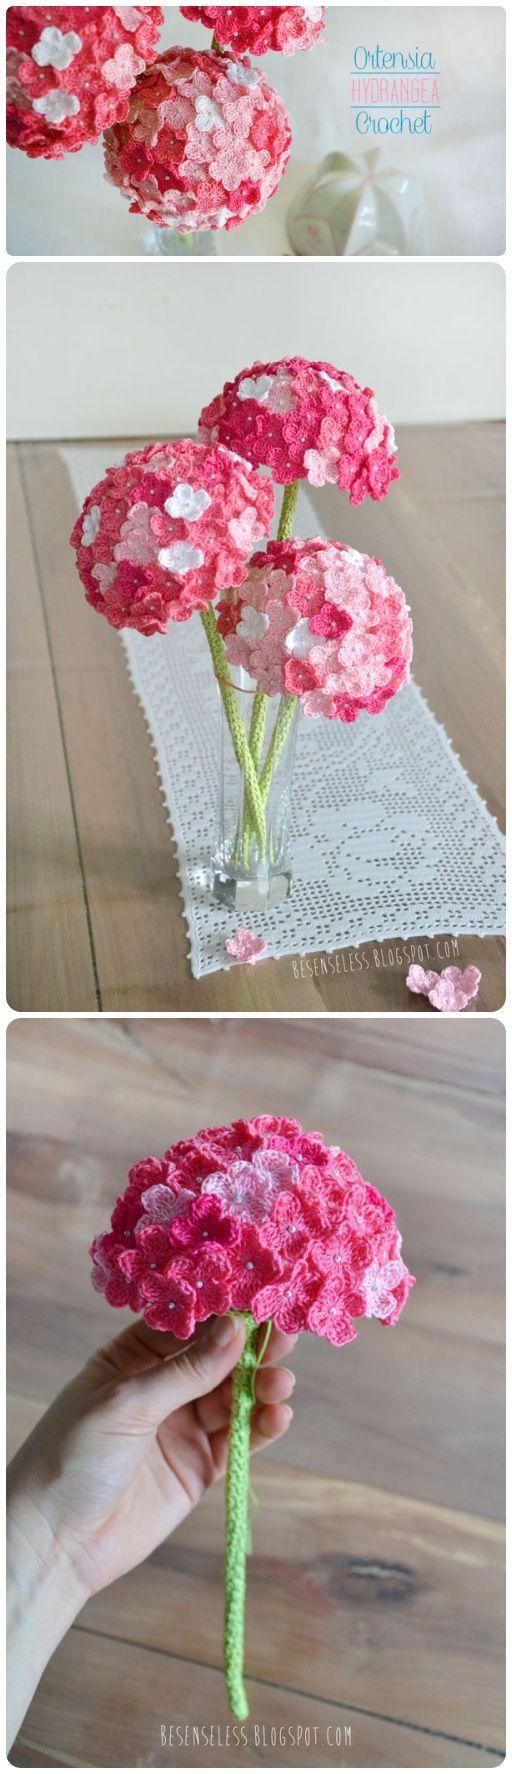 Crochet Hydrangea Flower with Free Pattern   Häkeln, Handarbeiten ...